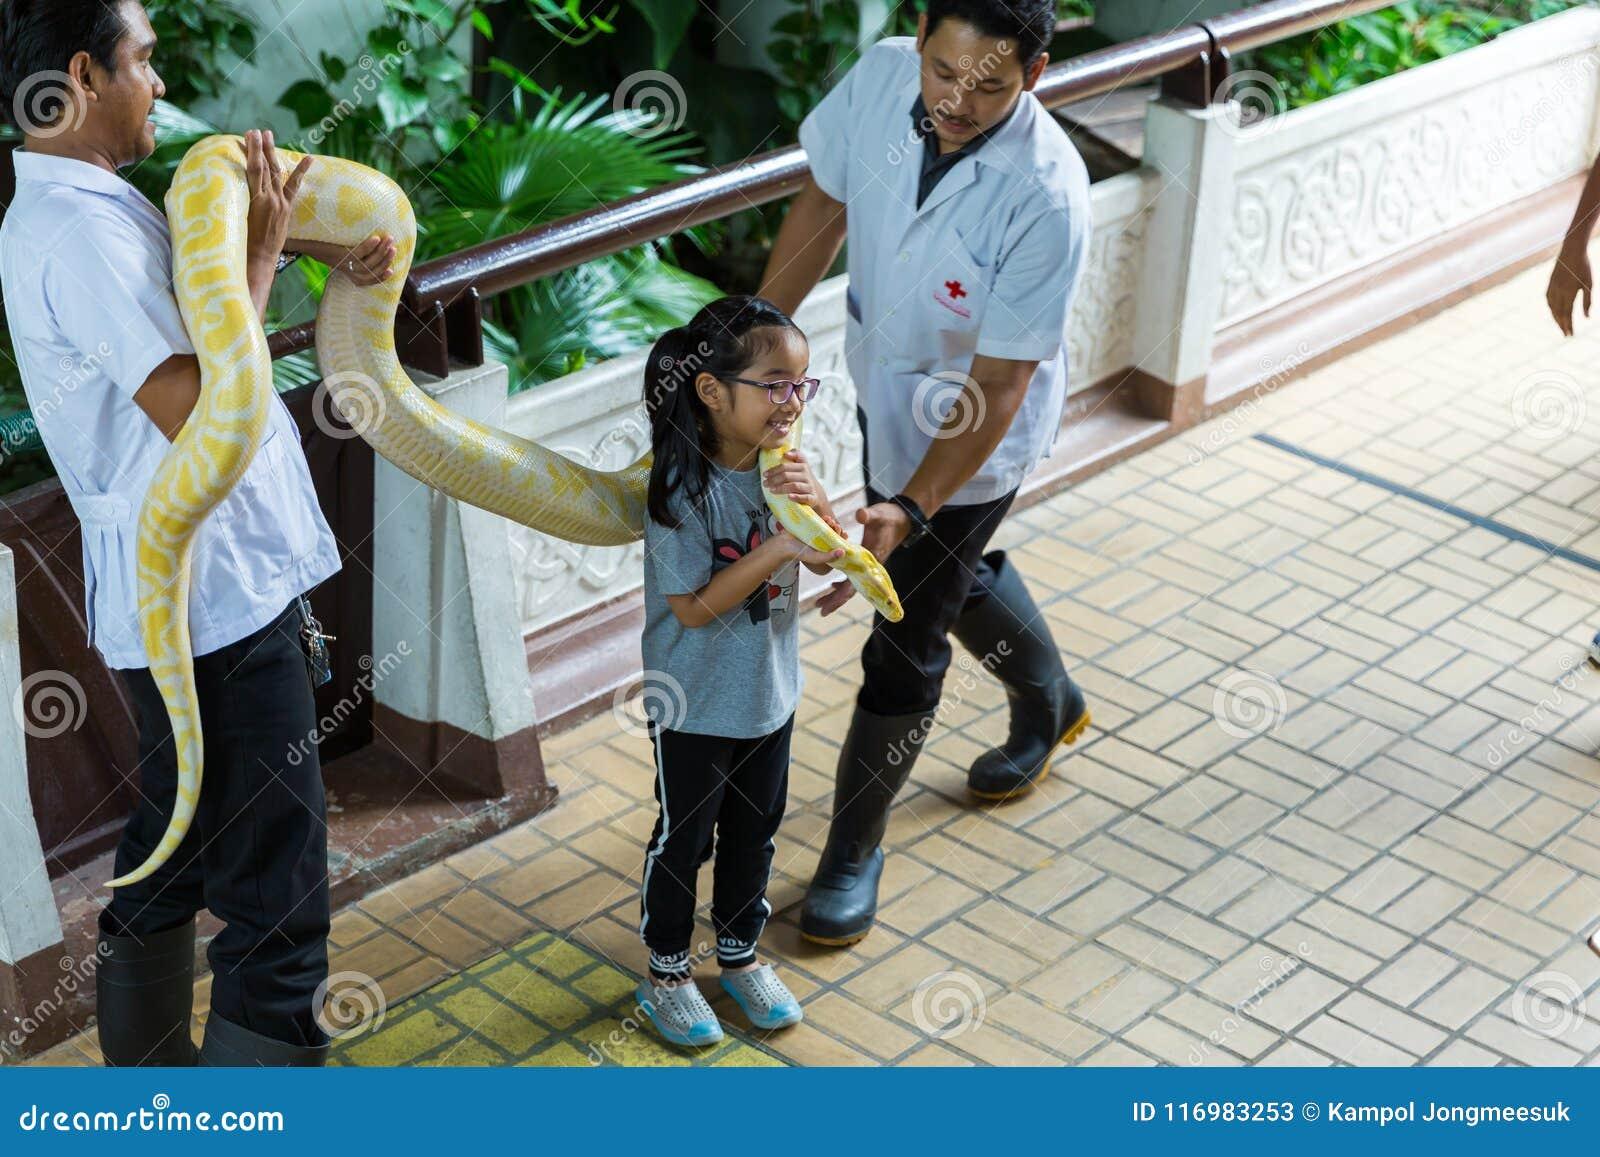 曼谷/泰国- 2018年5月11日:孩子有蛇展示的和显示对游人在Serpentarium,泰国红十字会社会